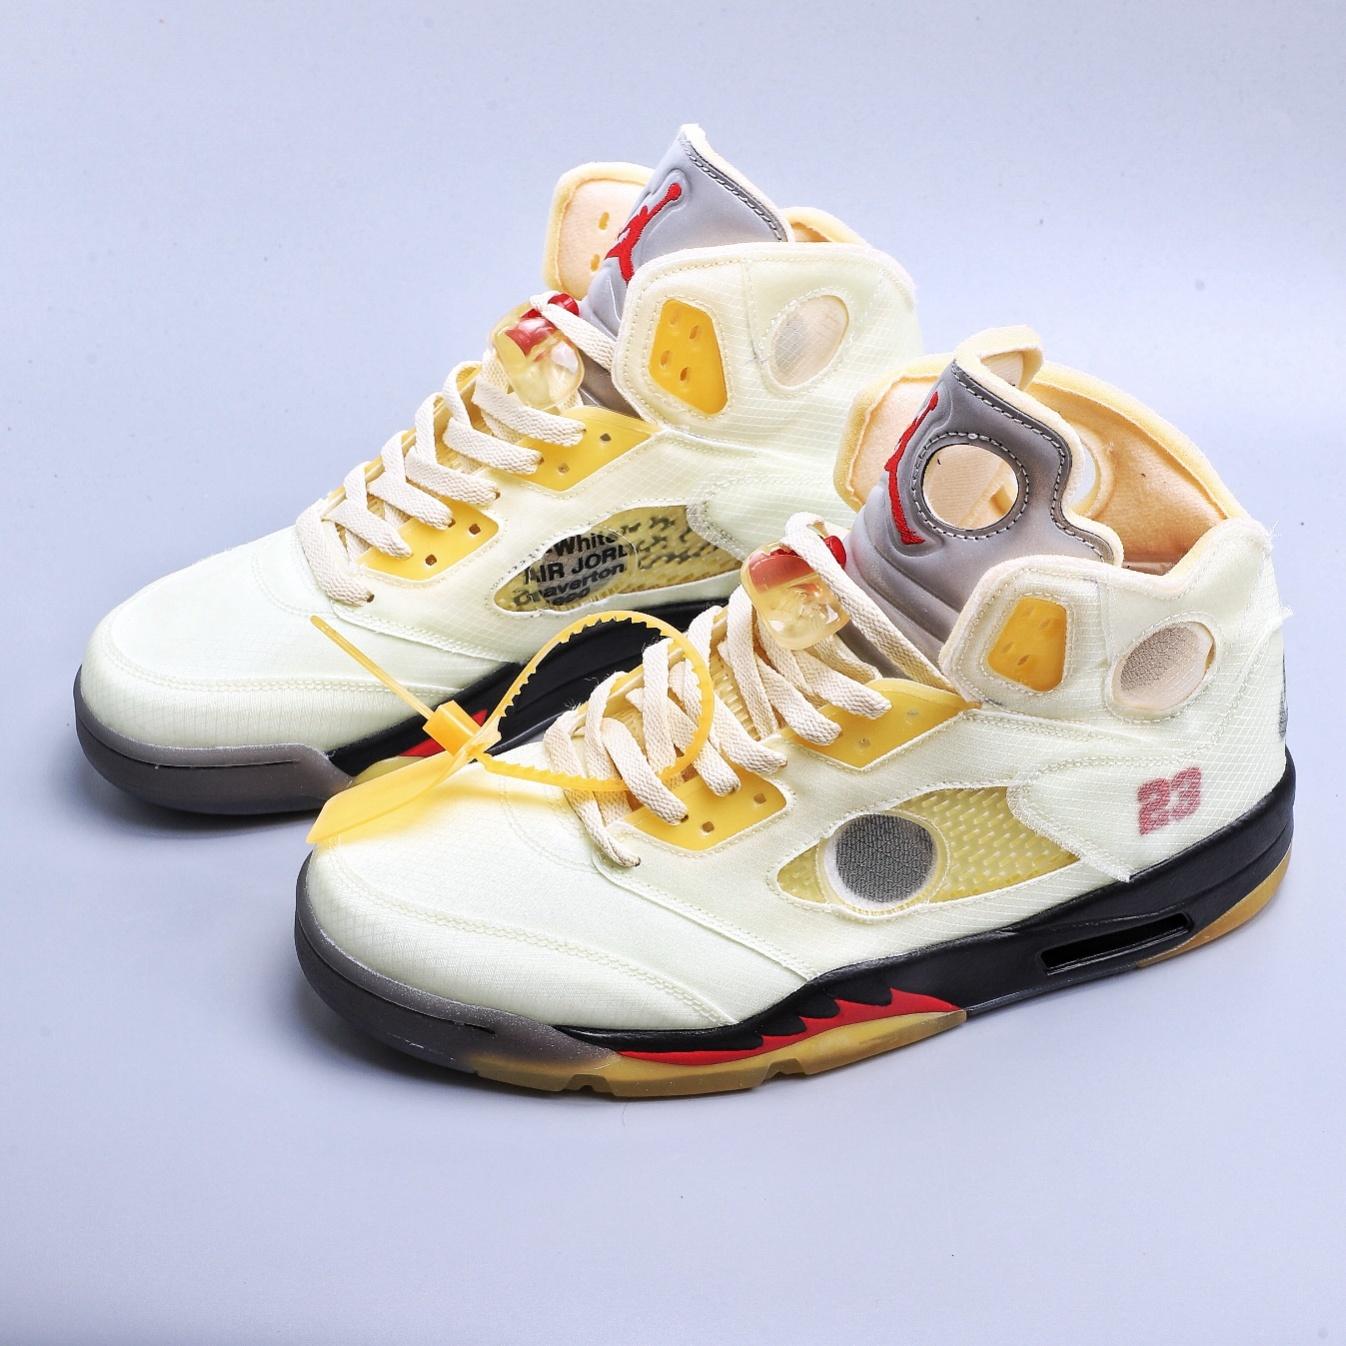 高仿Air Jordan 5 x off white 联名款 AJ5 ow 乔丹5代篮球鞋/